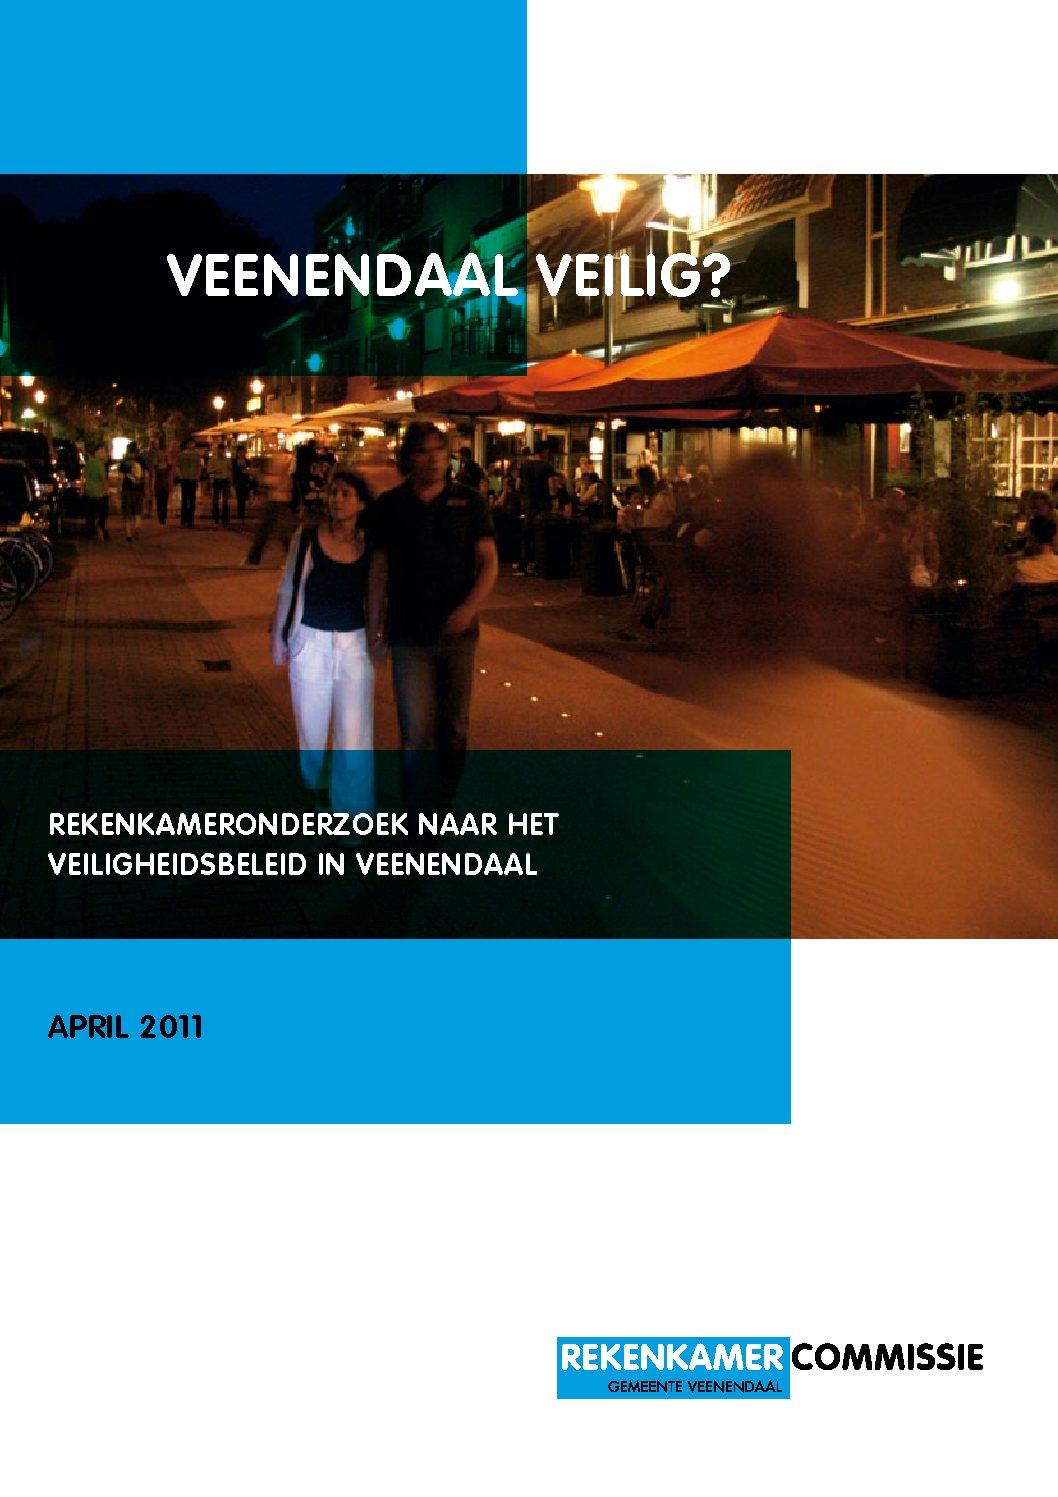 Veenendaal Veilig? Rekenkameronderzoek naar het veiligheidsbeleid in Veenendaal, 2011.